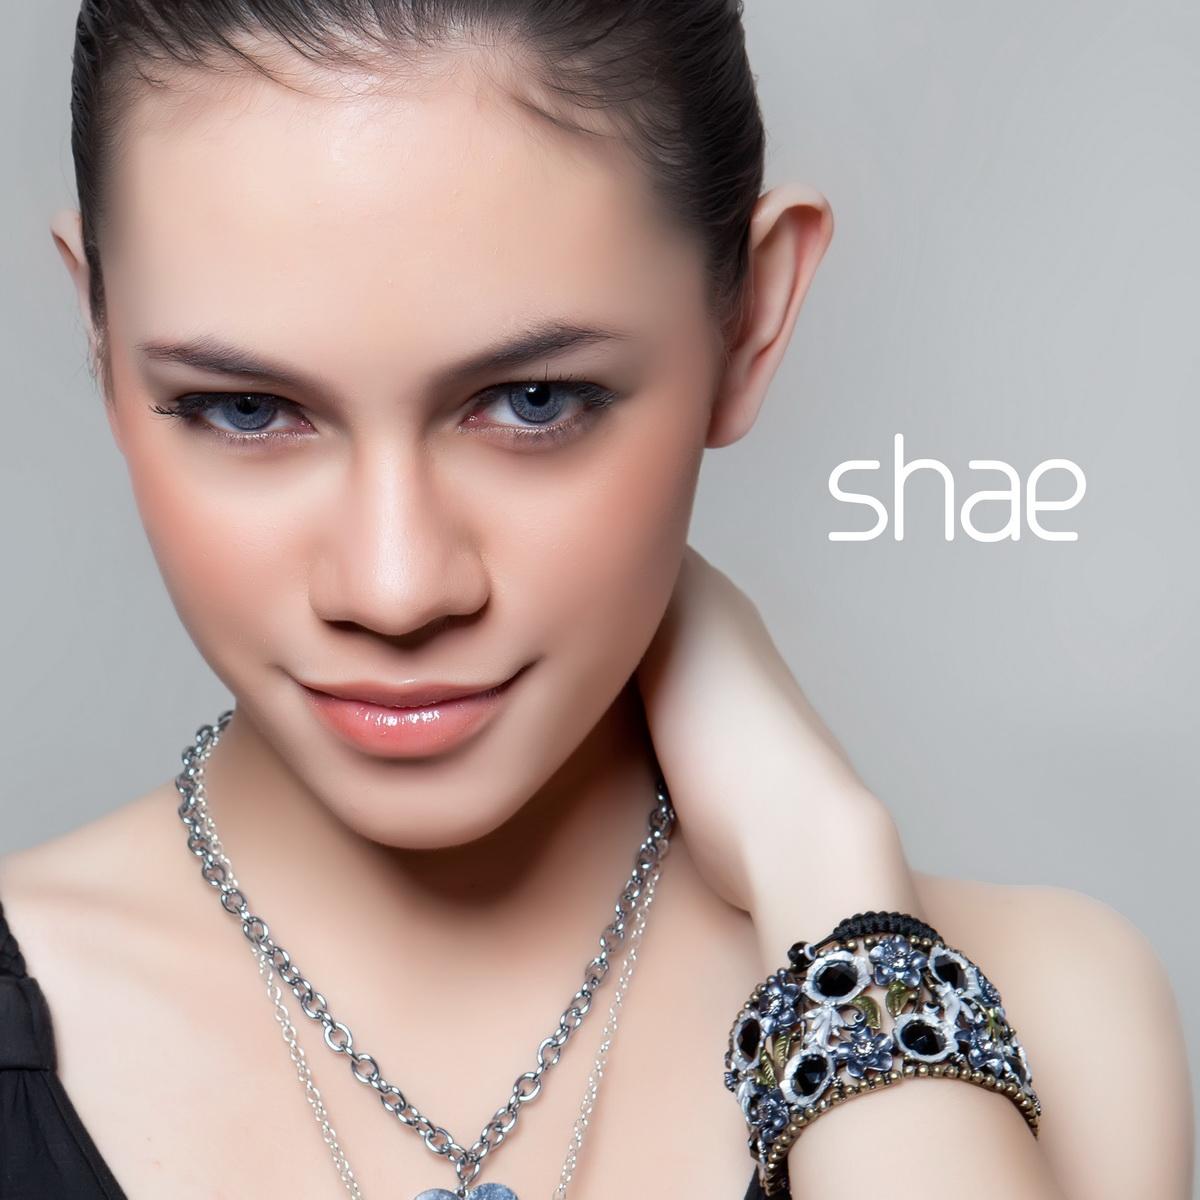 Watch Shae (singer) video